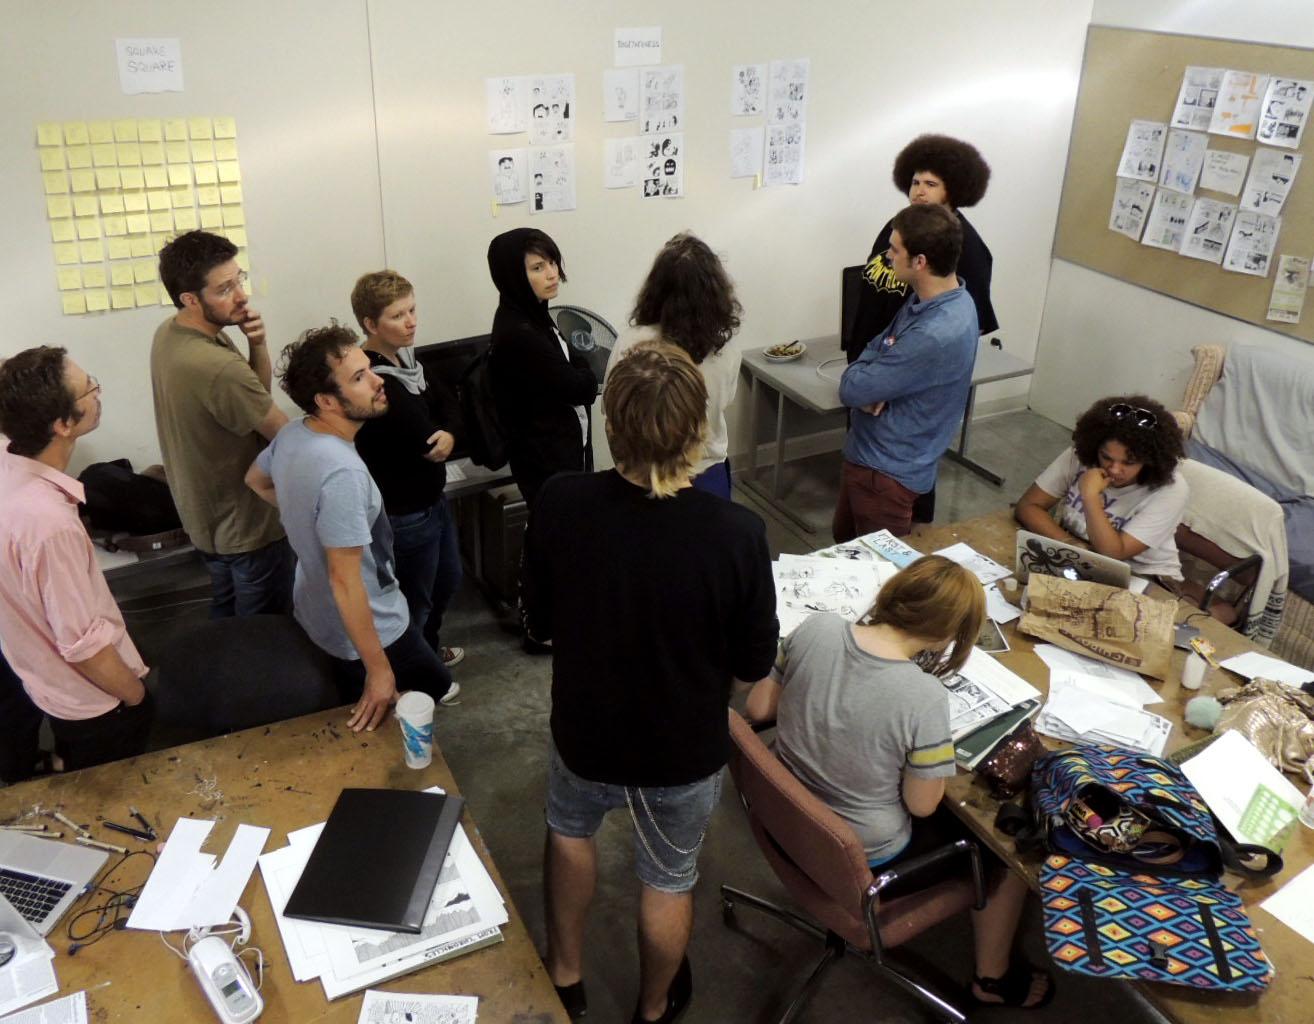 Les auteurs en salle de travail des étudiants de MCAD.